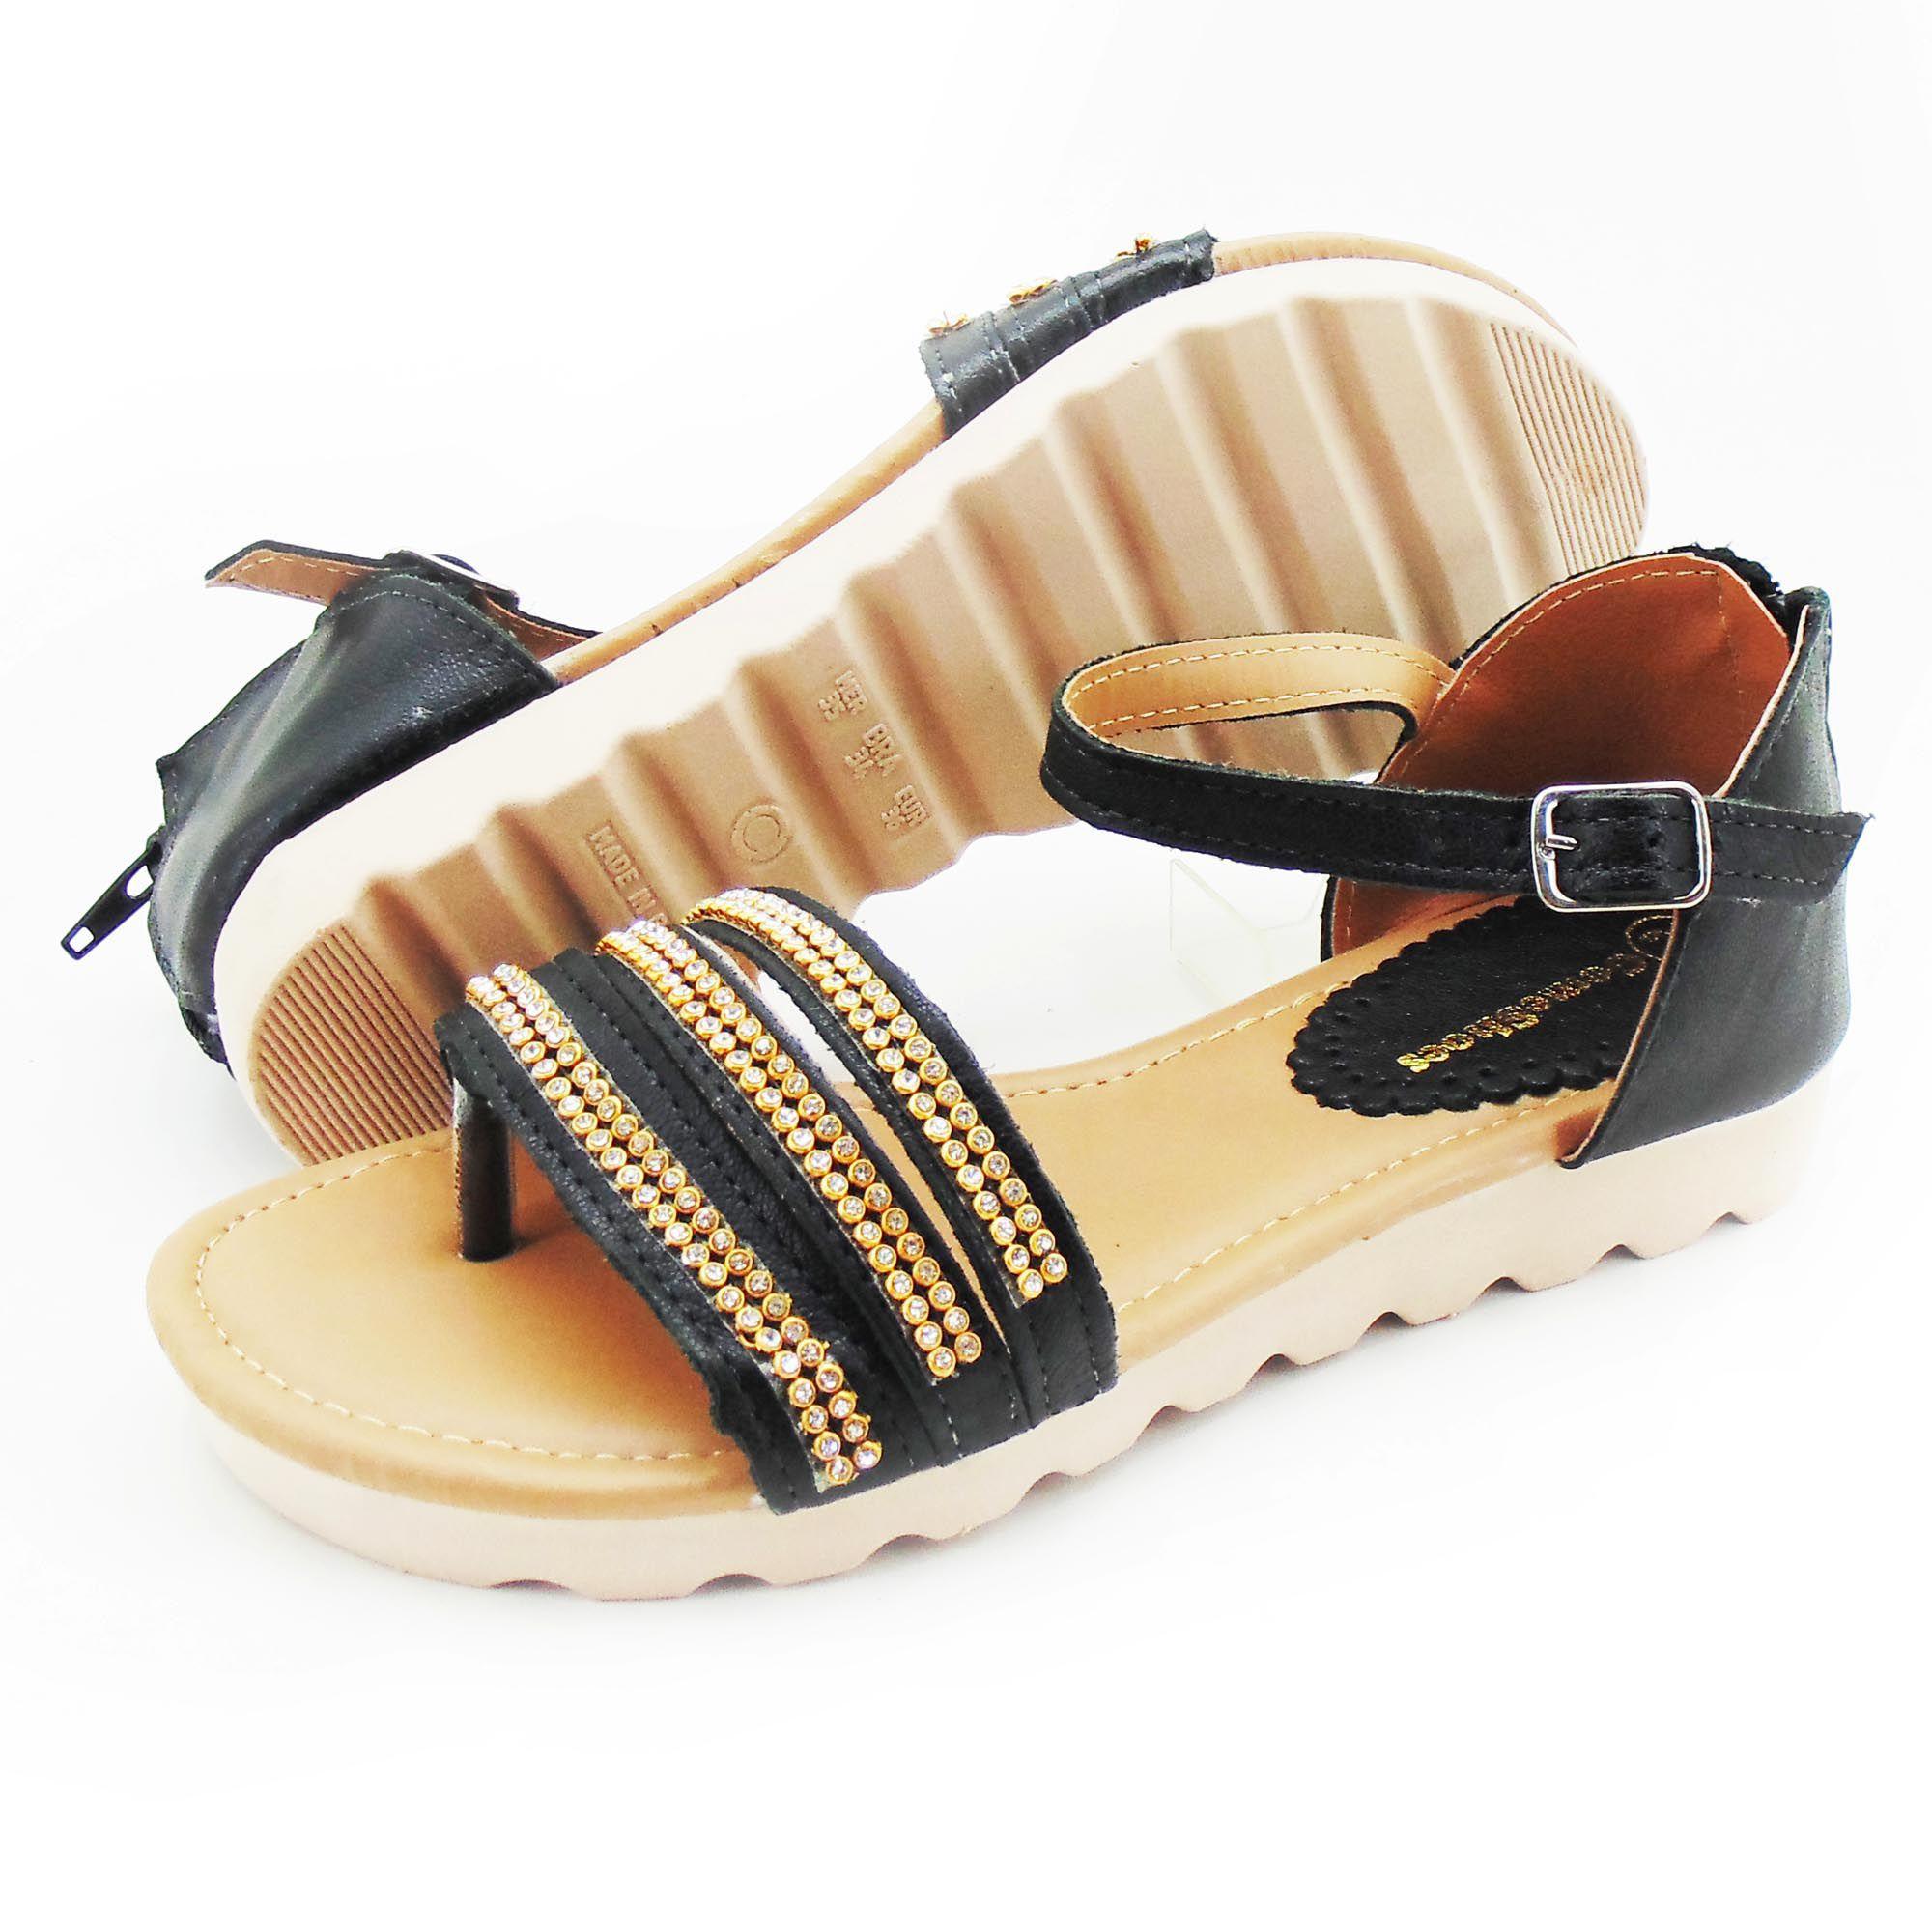 Sandália rasteirinha feminina de couro na cor preta